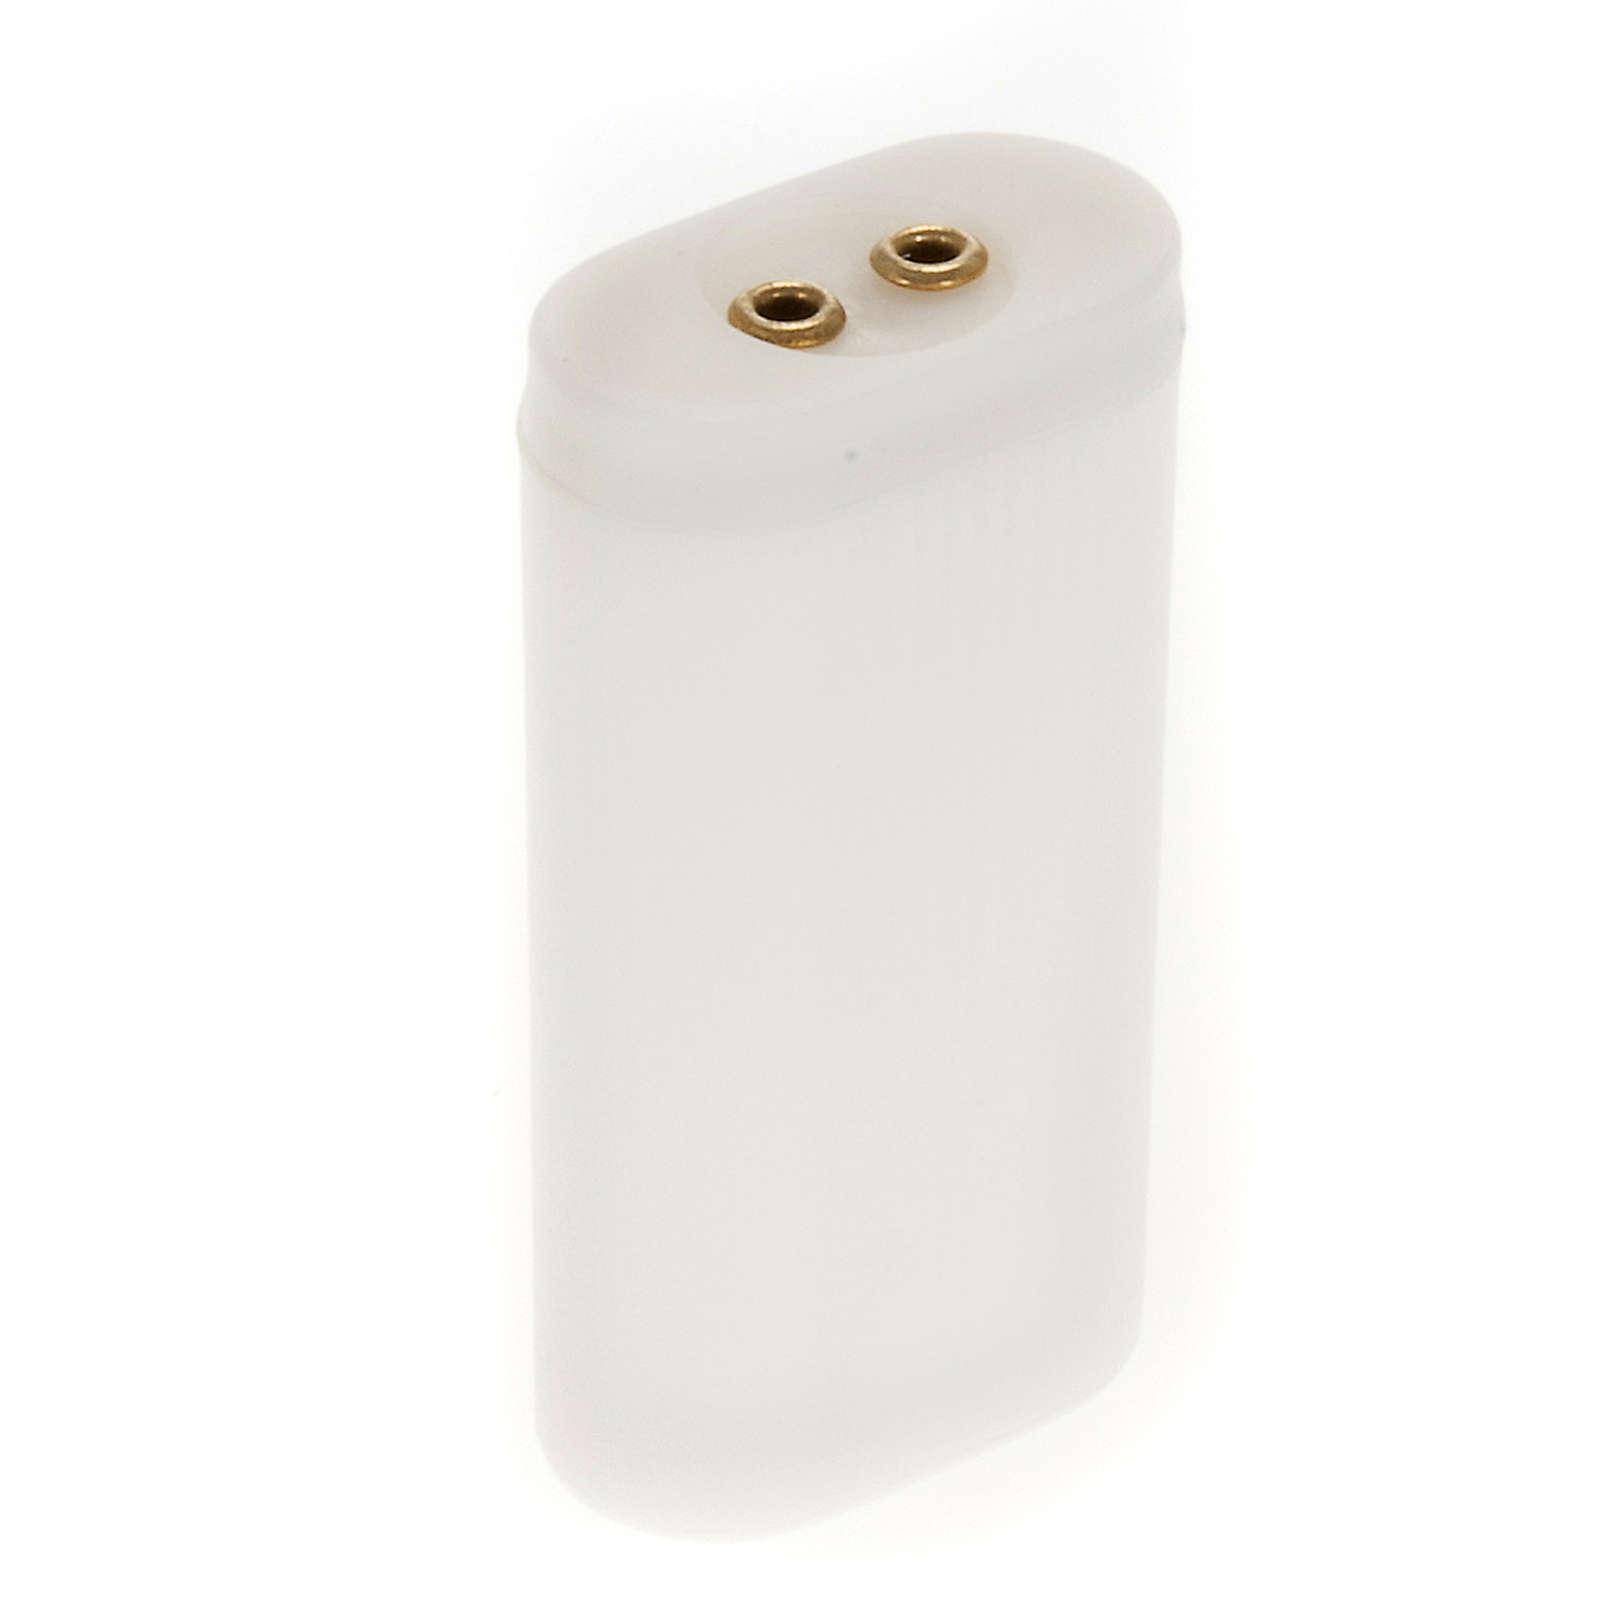 Batterie Stecker für Krippenlicht 4